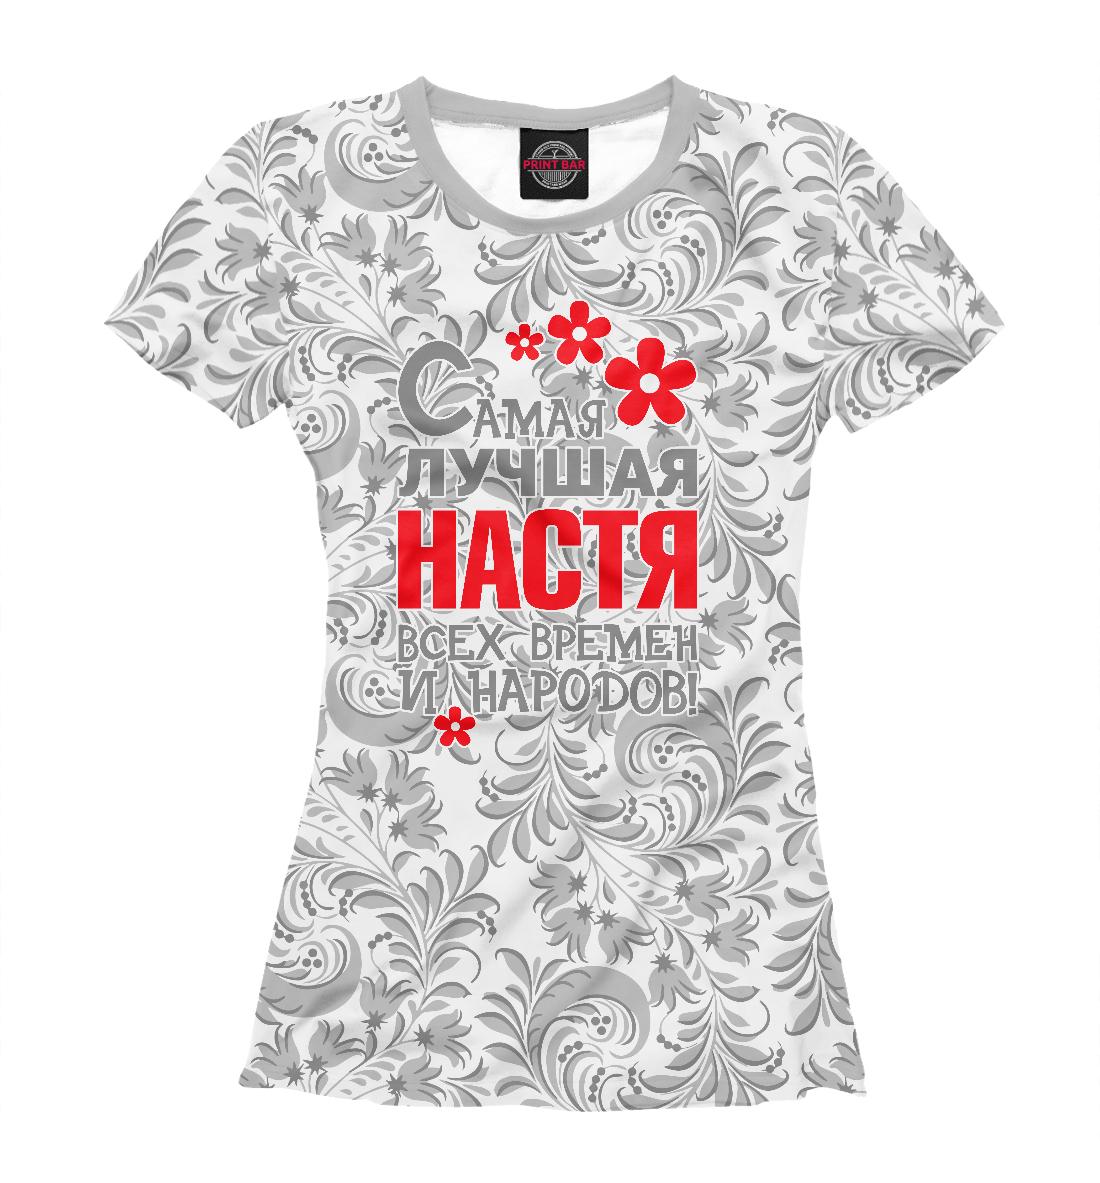 Купить Самая лучшая Настя, Printbar, Футболки, ANS-275021-fut-1